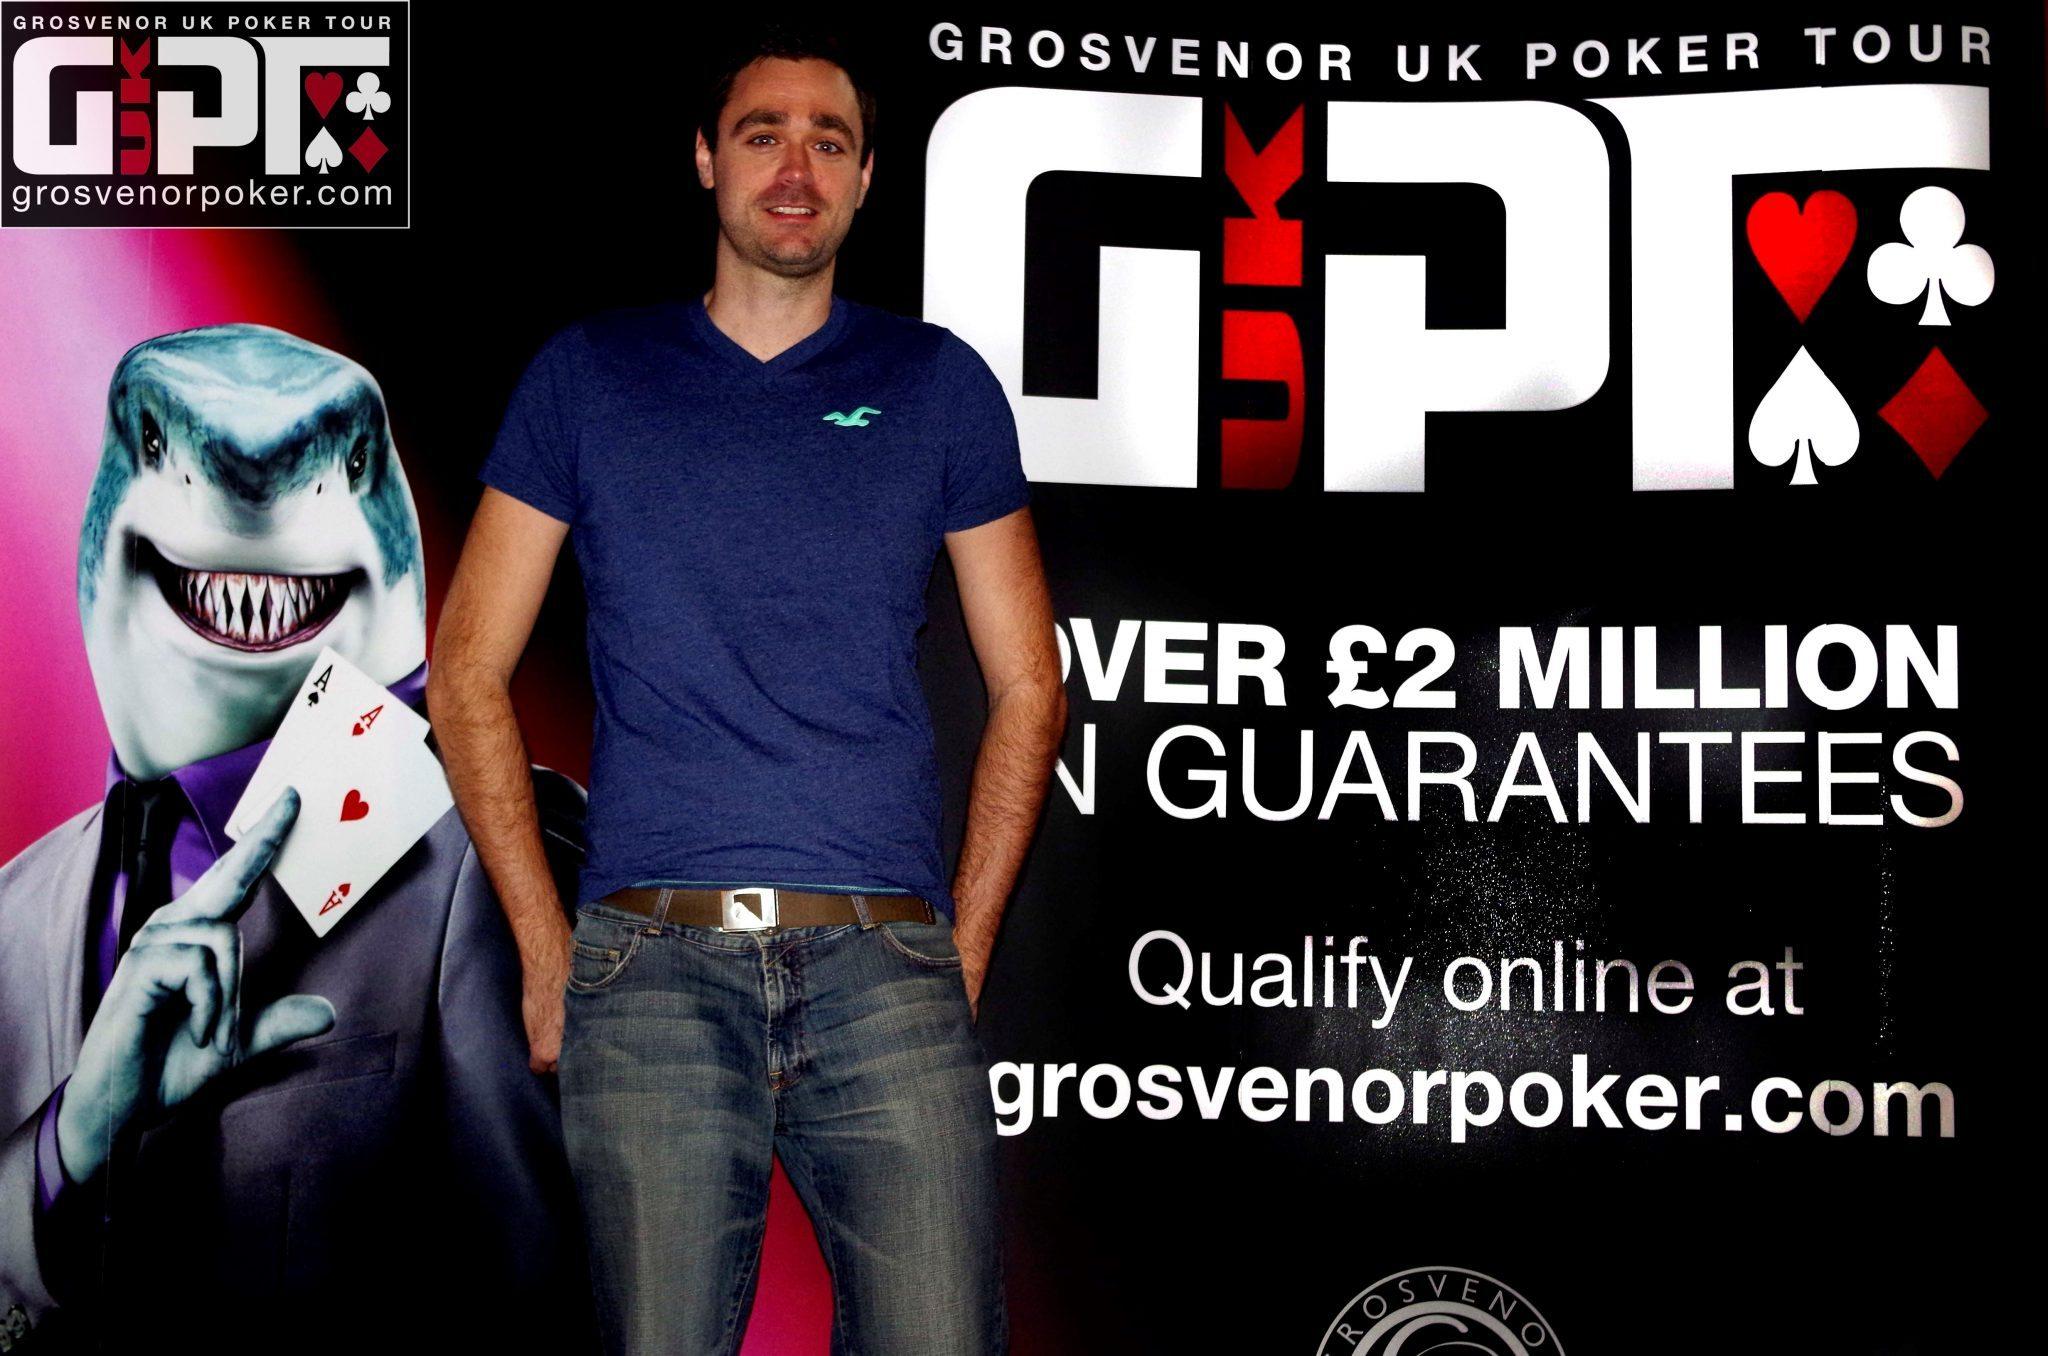 Grosvenor g casino luton poker schedule